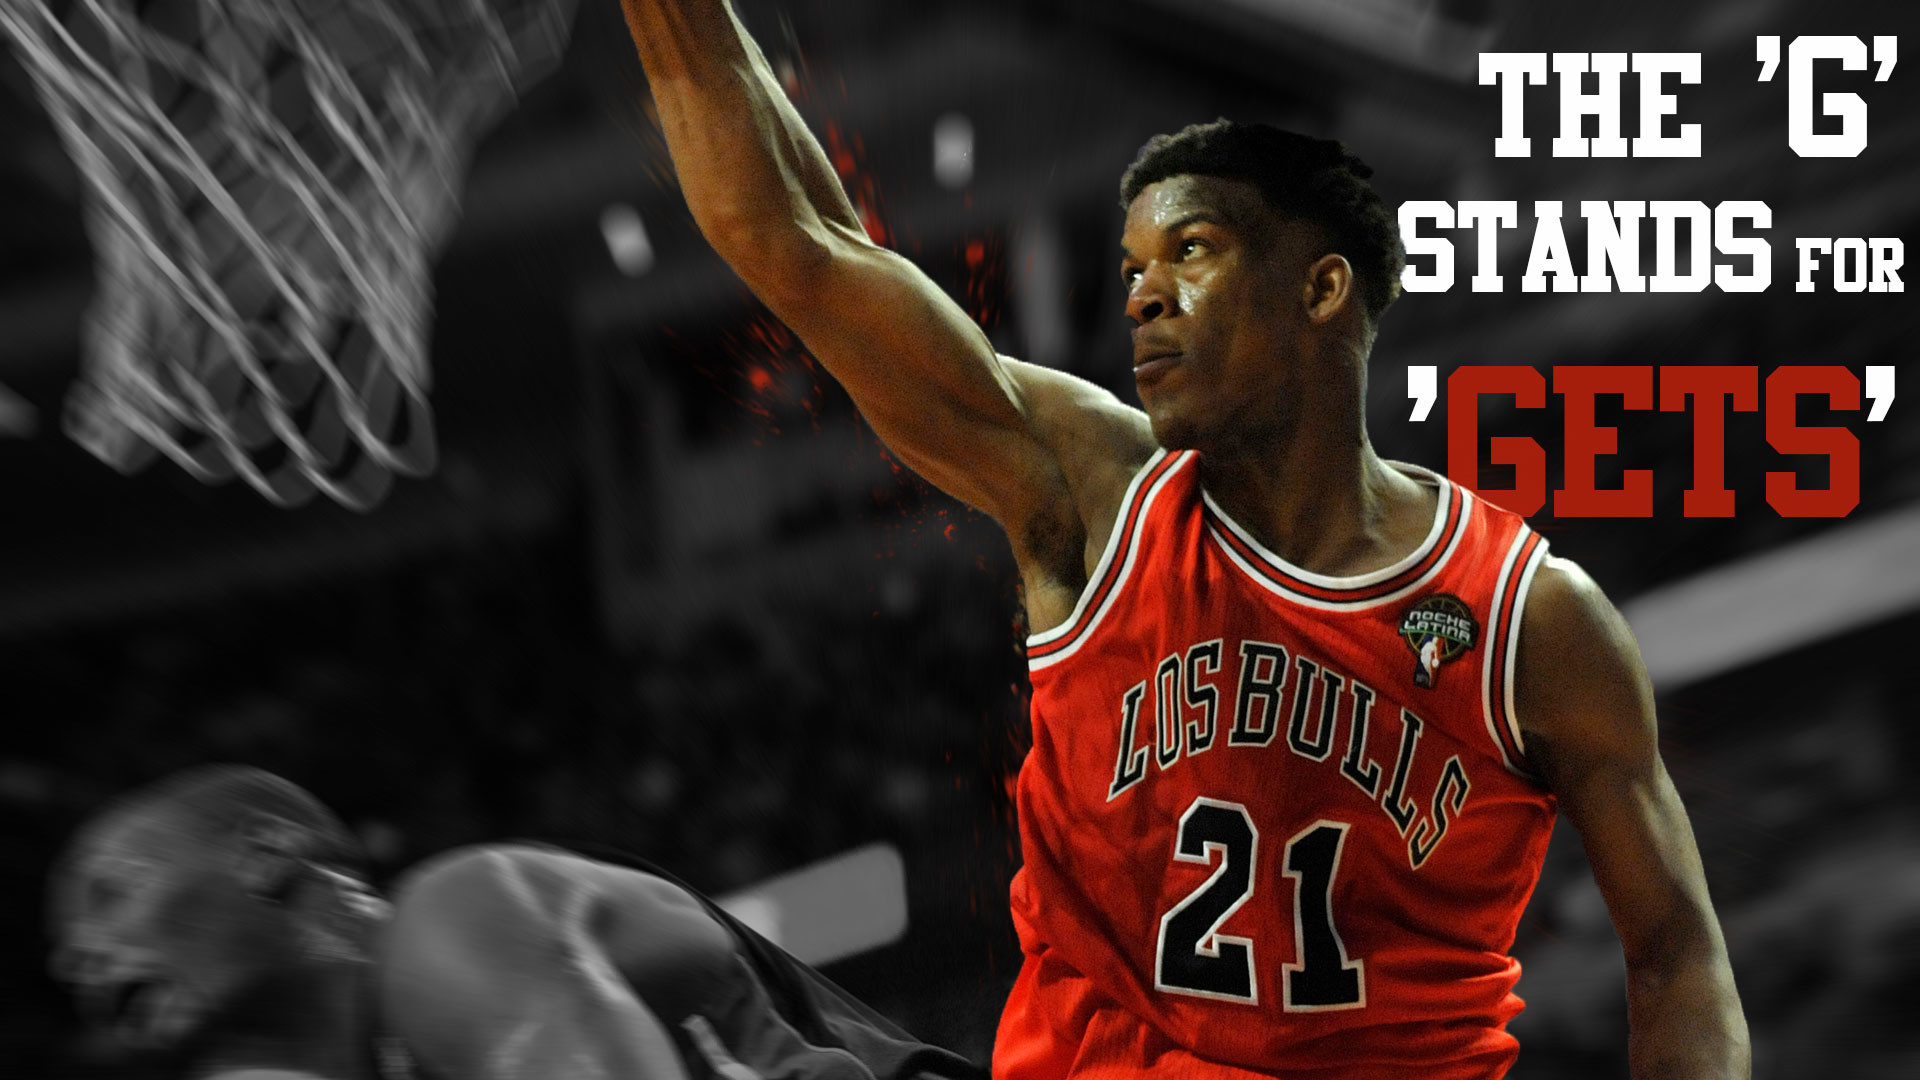 Jimmy-Butler-Chicago-Bulls-HD-Wallpaper-2013